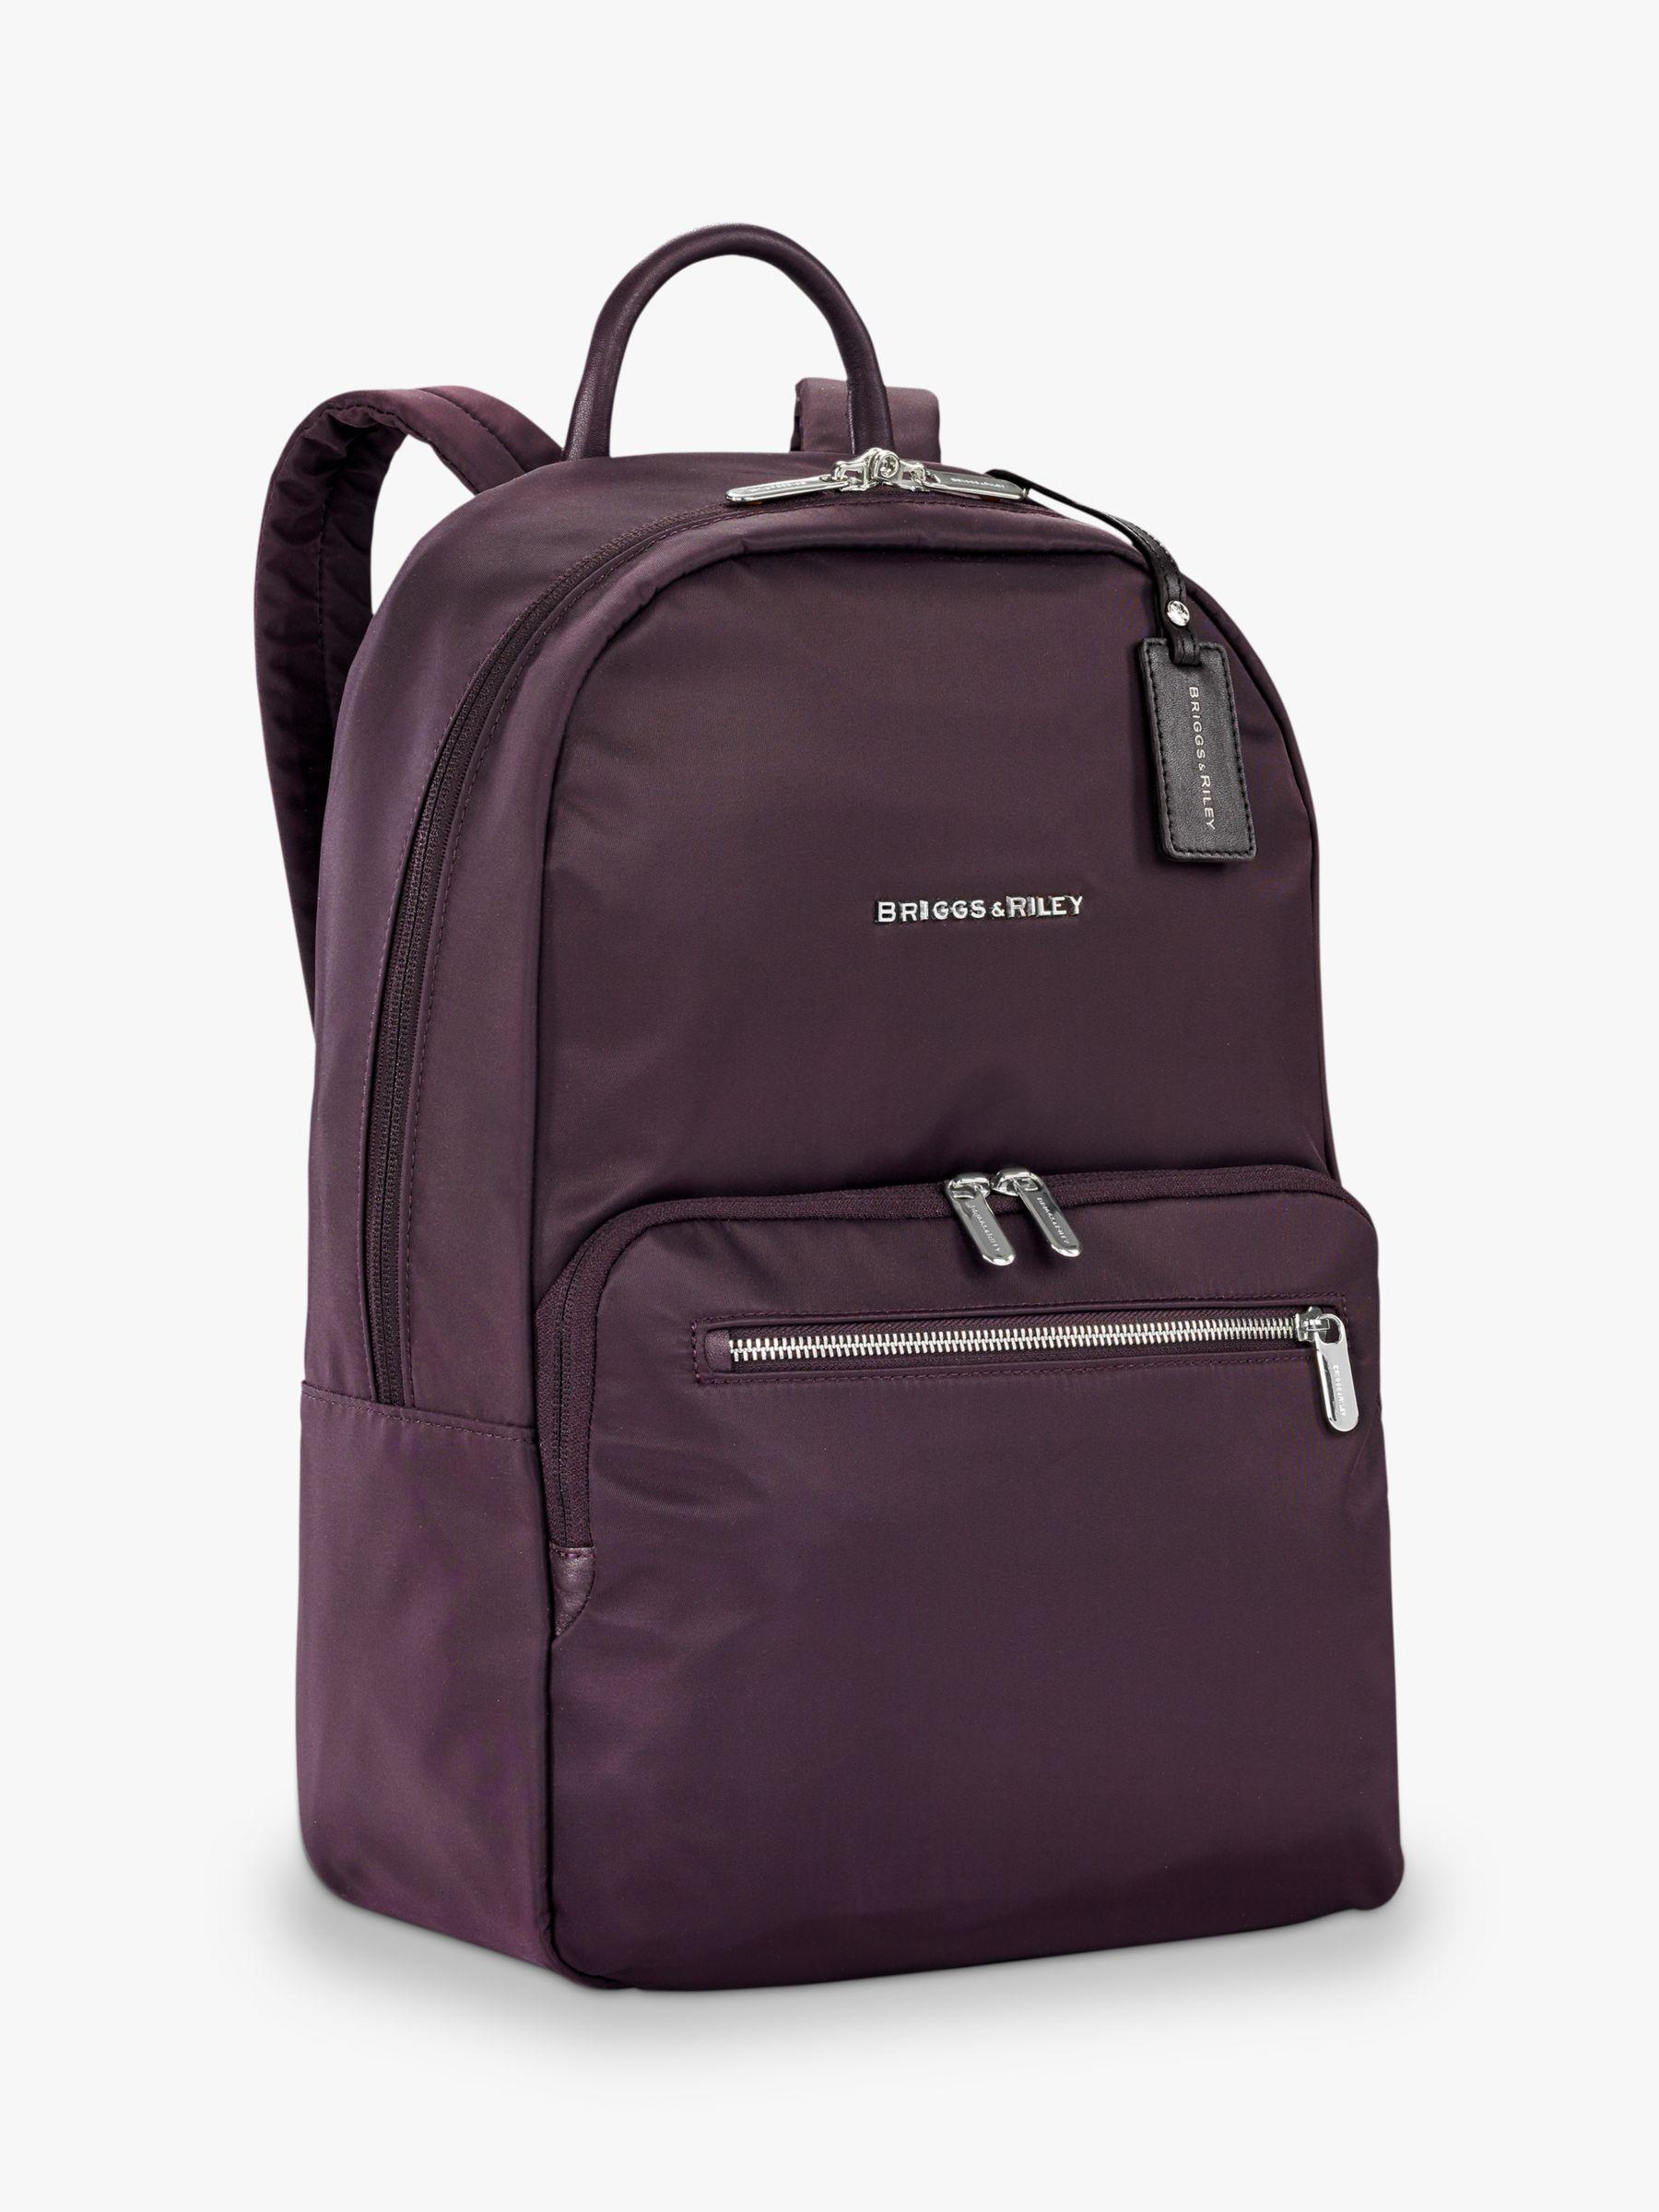 Briggs & Riley Briggs & Riley Rhapsody Essential Backpack